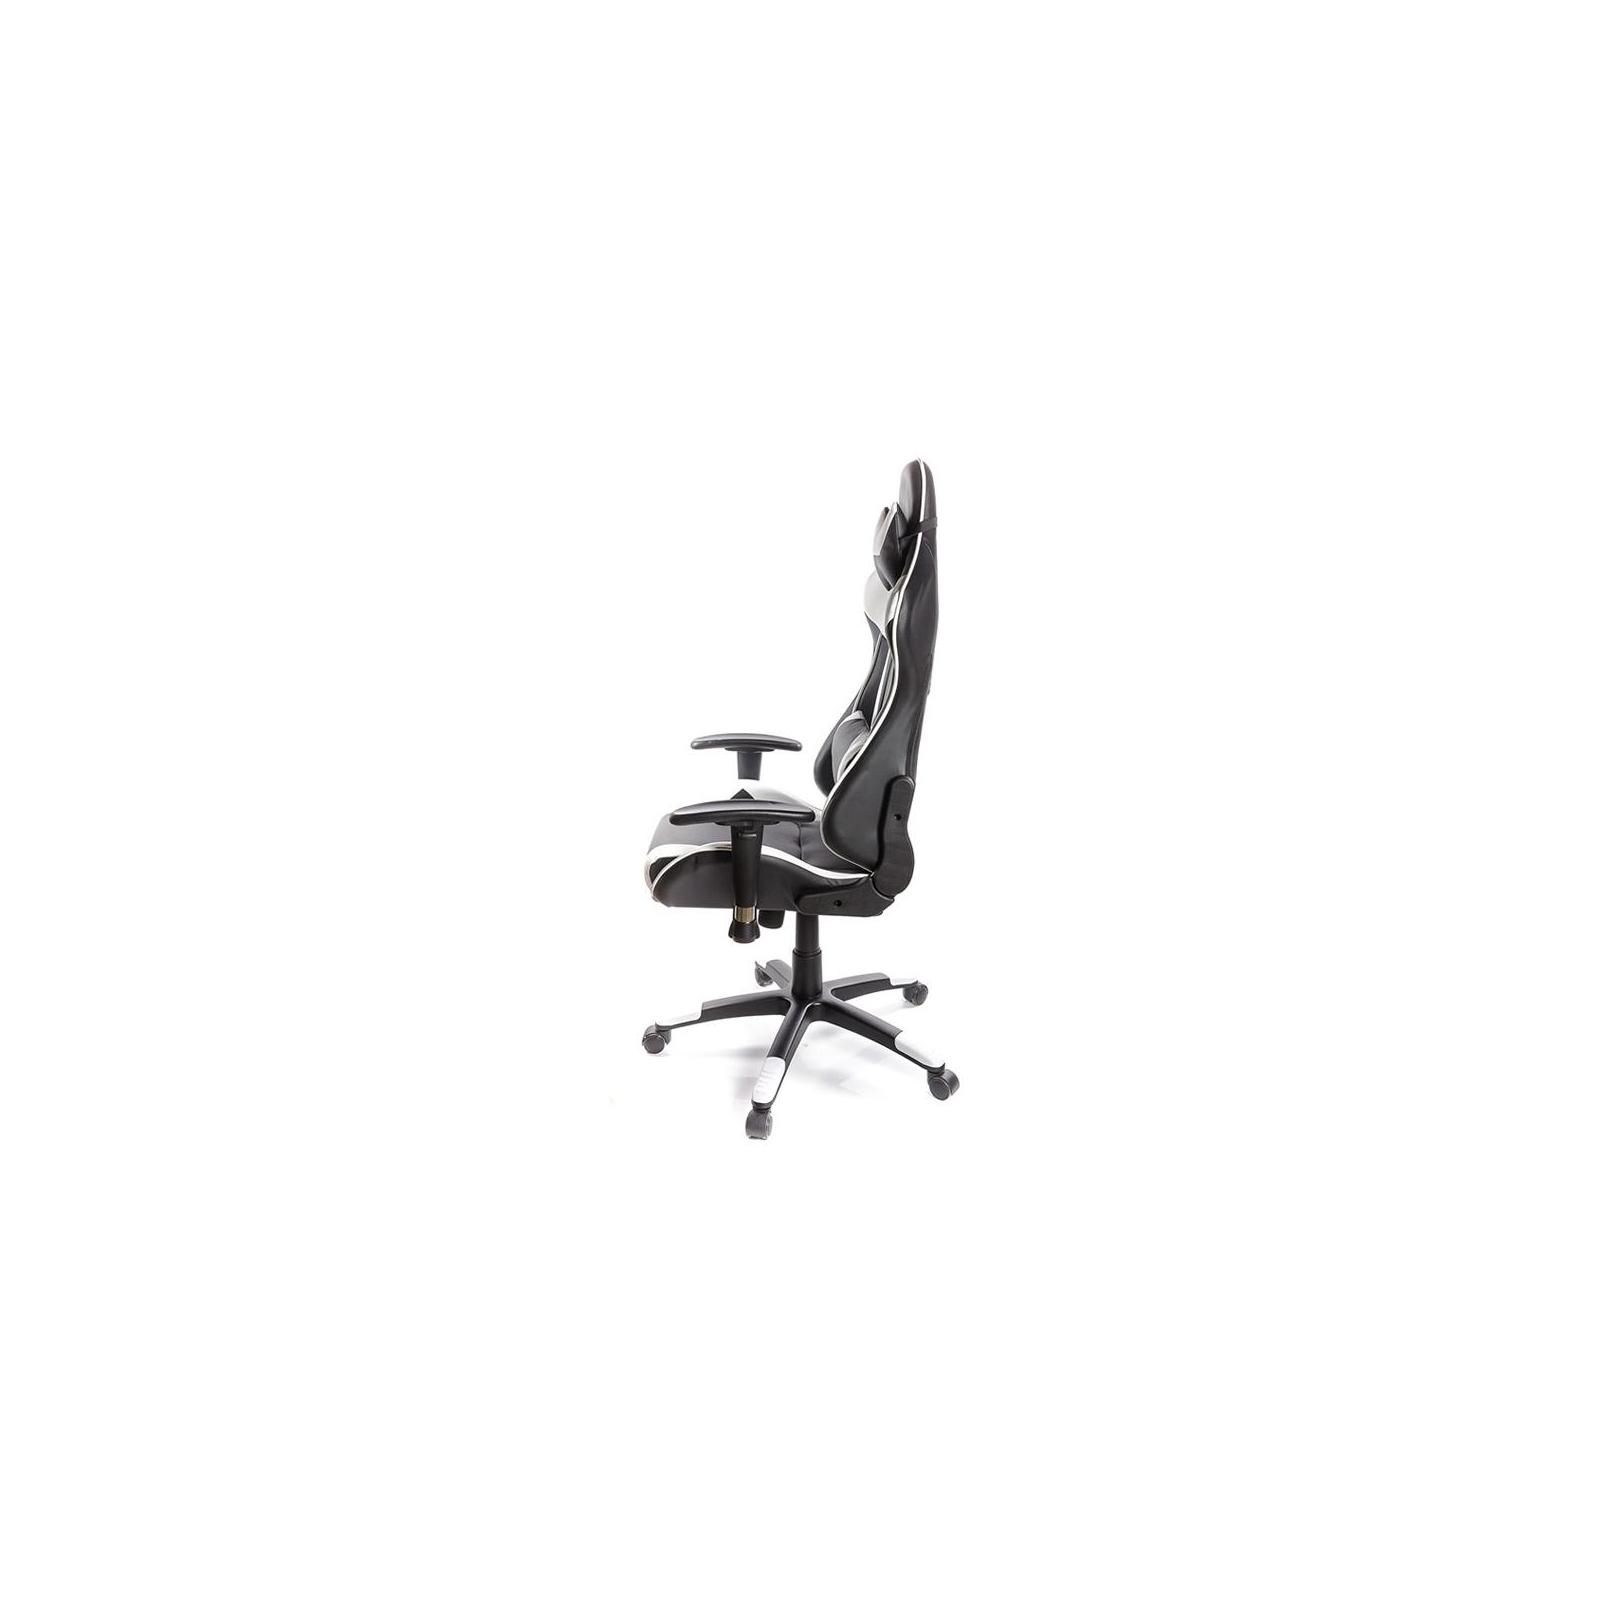 Кресло игровое АКЛАС Хорнет PL RL Белое (06154) изображение 3